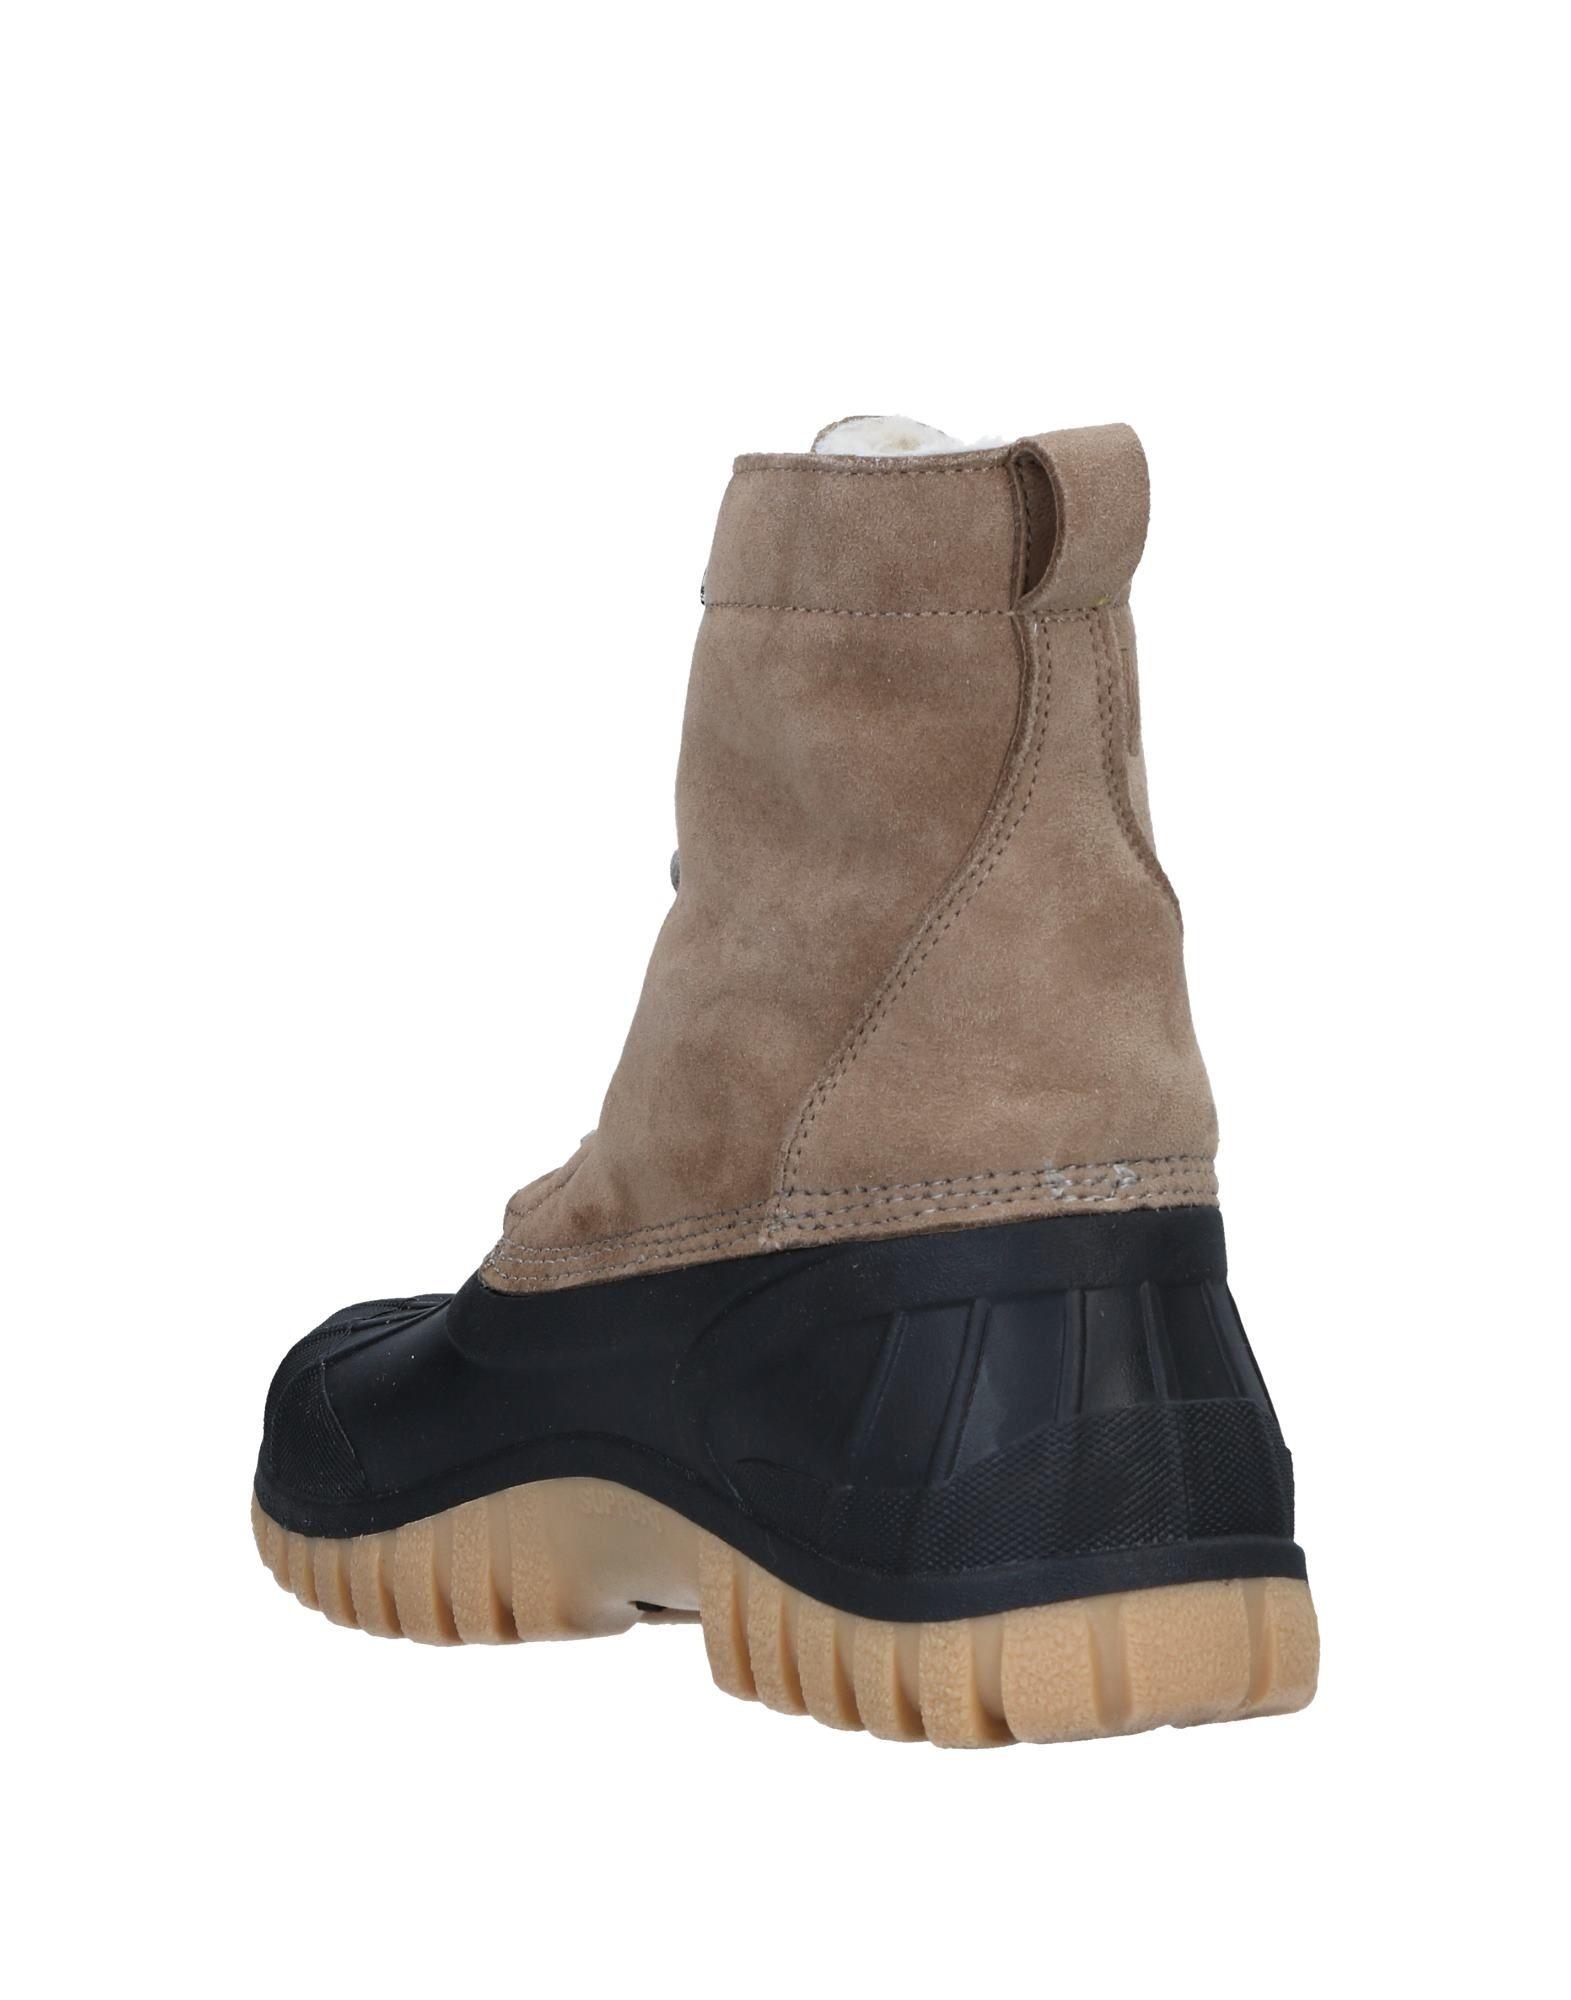 Diemme Stiefelette Herren  11531400TF Gute Qualität beliebte Schuhe